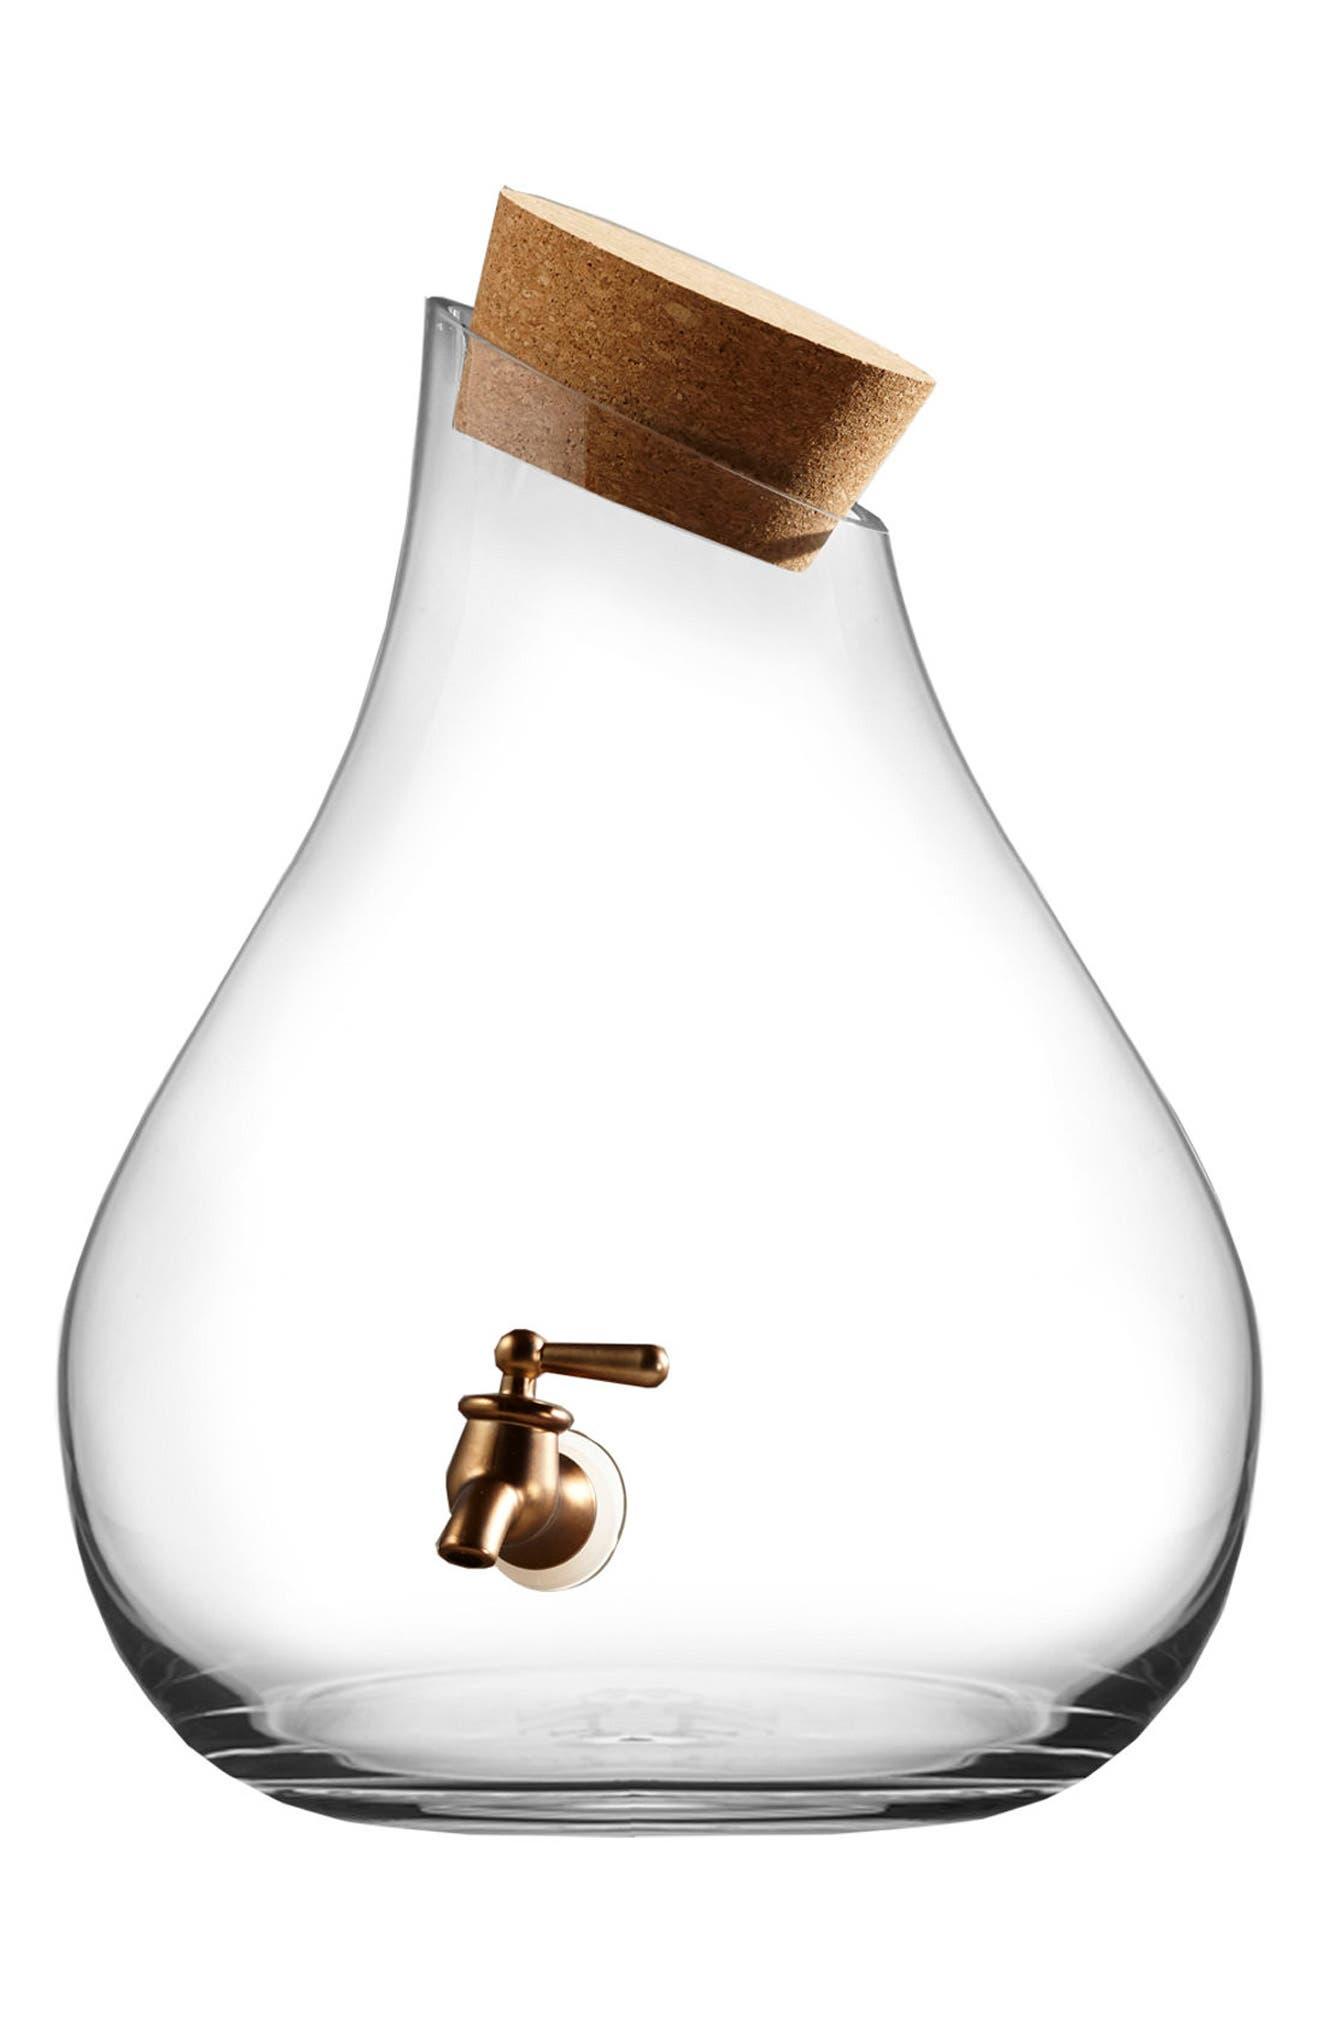 2.5-Gallon Beverage Dispenser,                         Main,                         color, 100